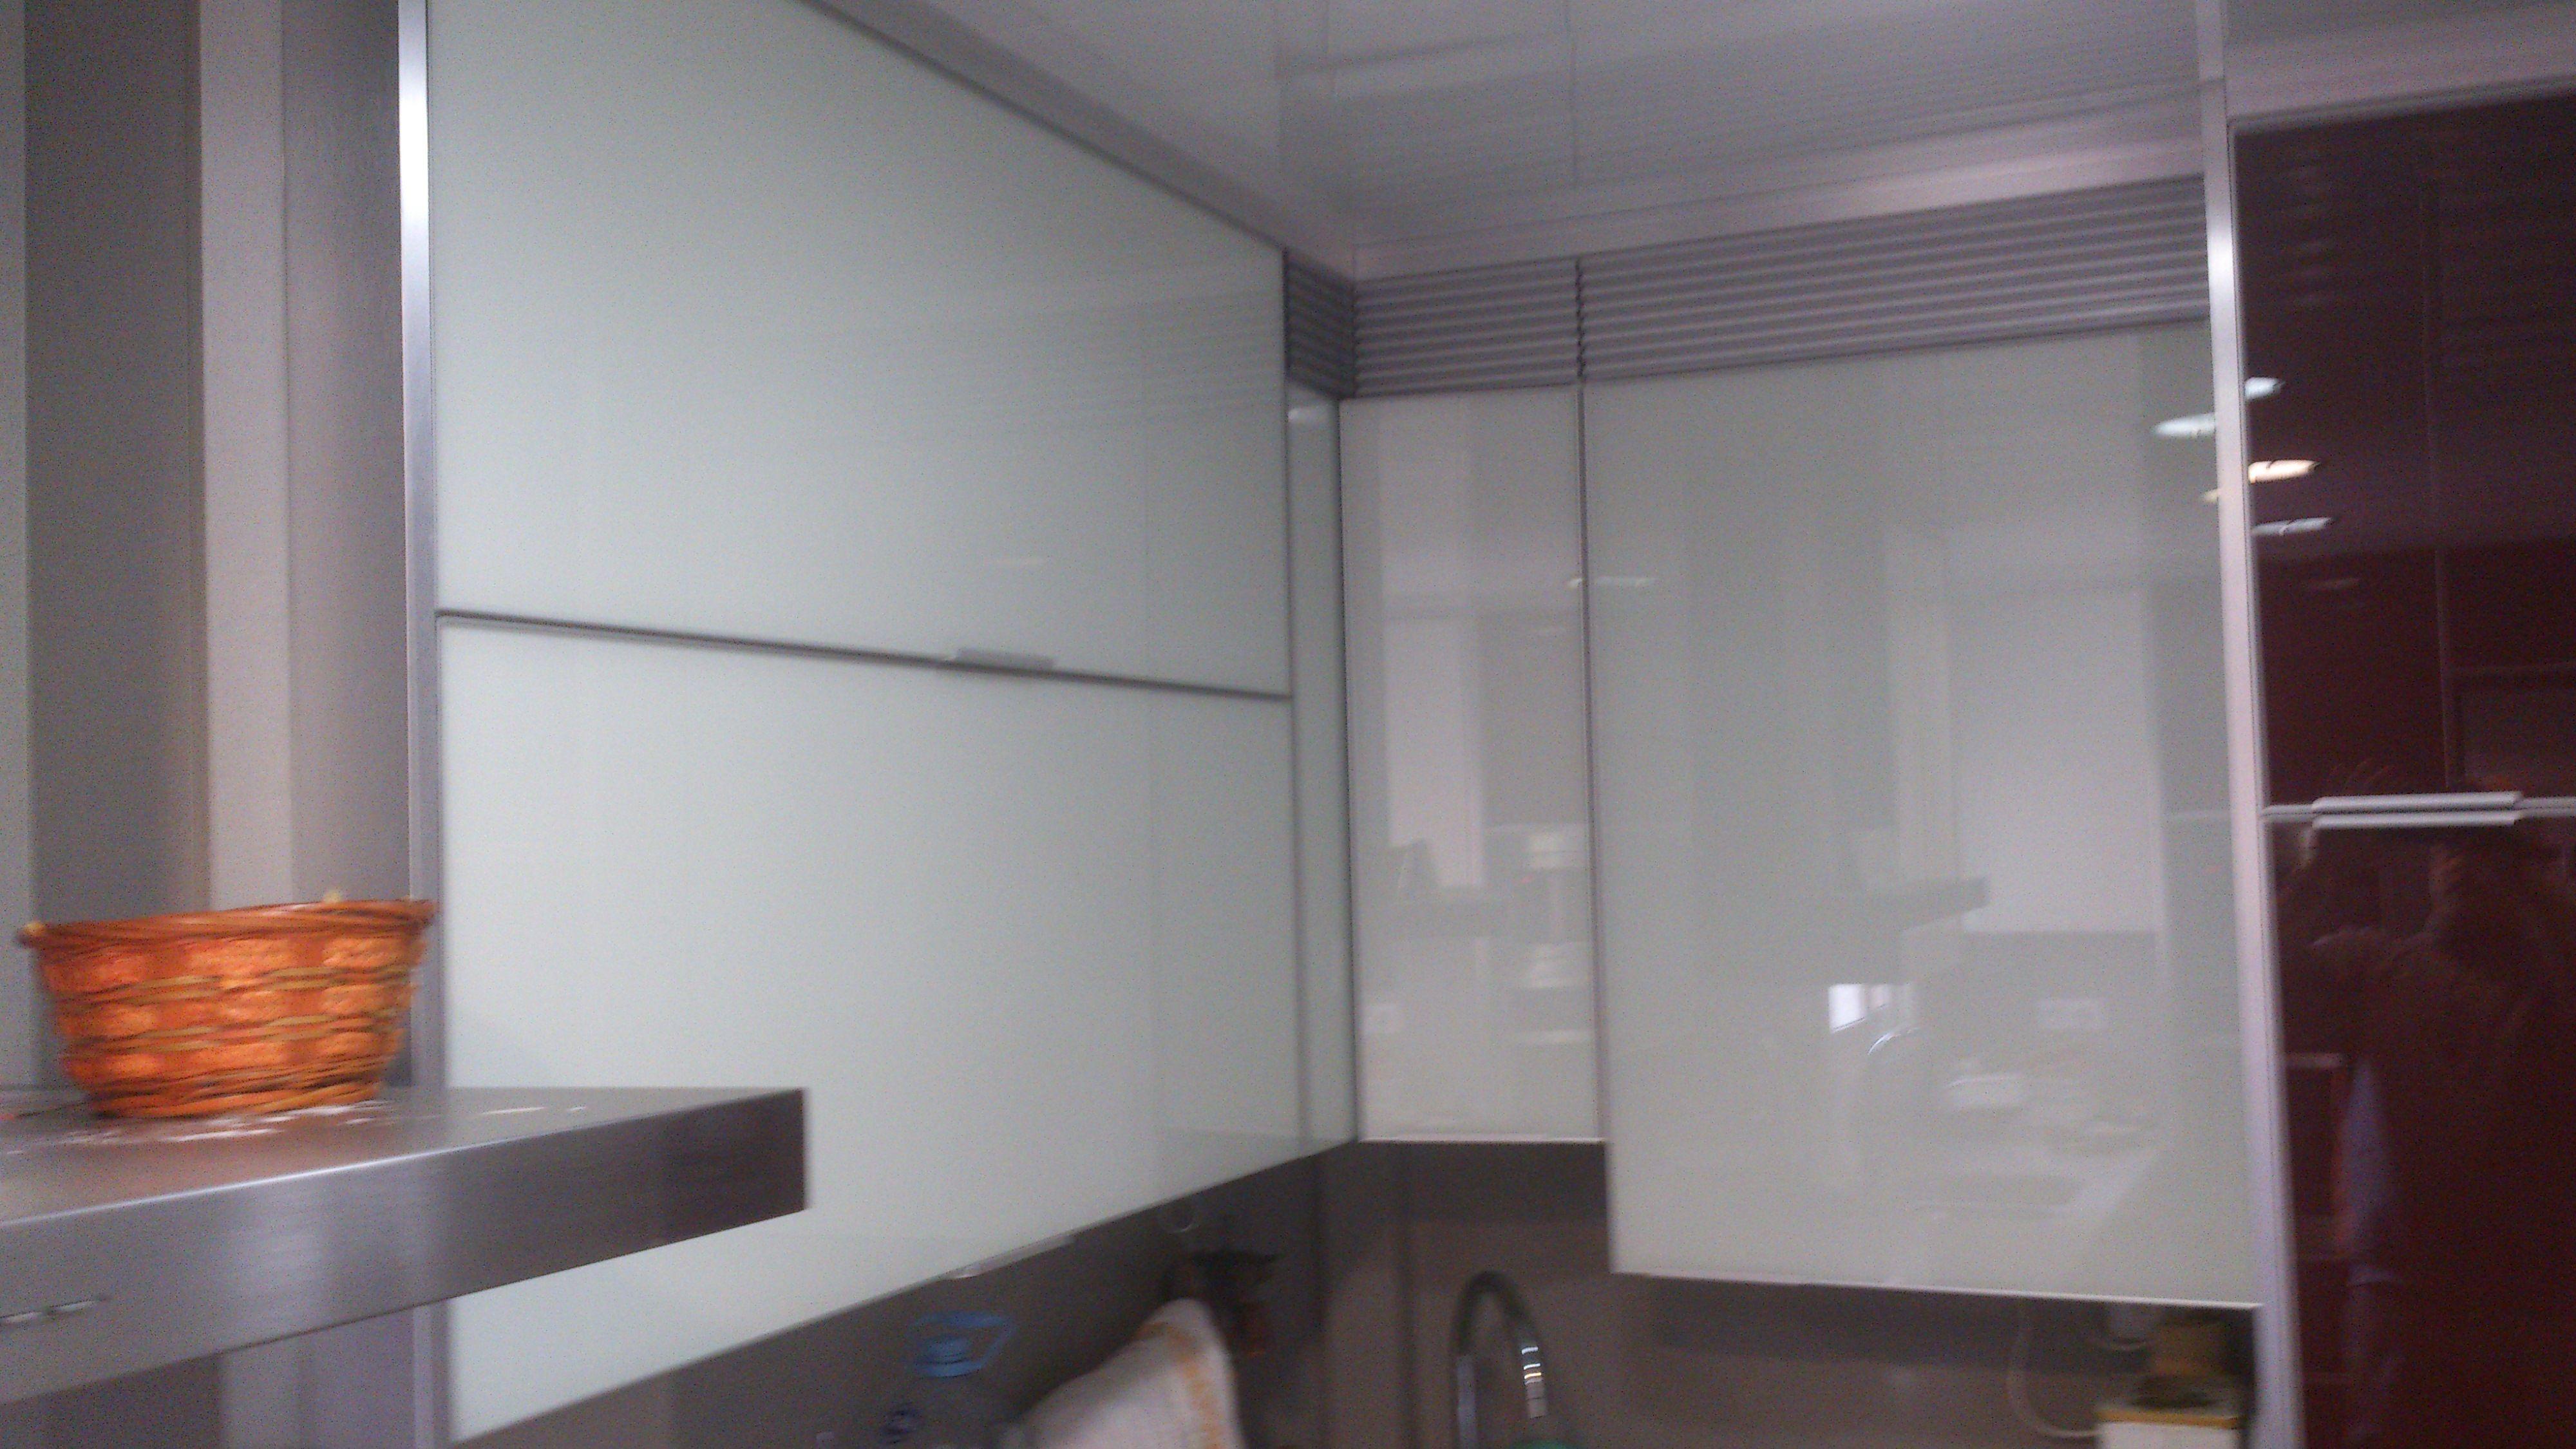 Puertas Cristal Cocina Affordable Dproject Cocina Blanca Muebles  ~ Puertas De Cristal Para Cocinas